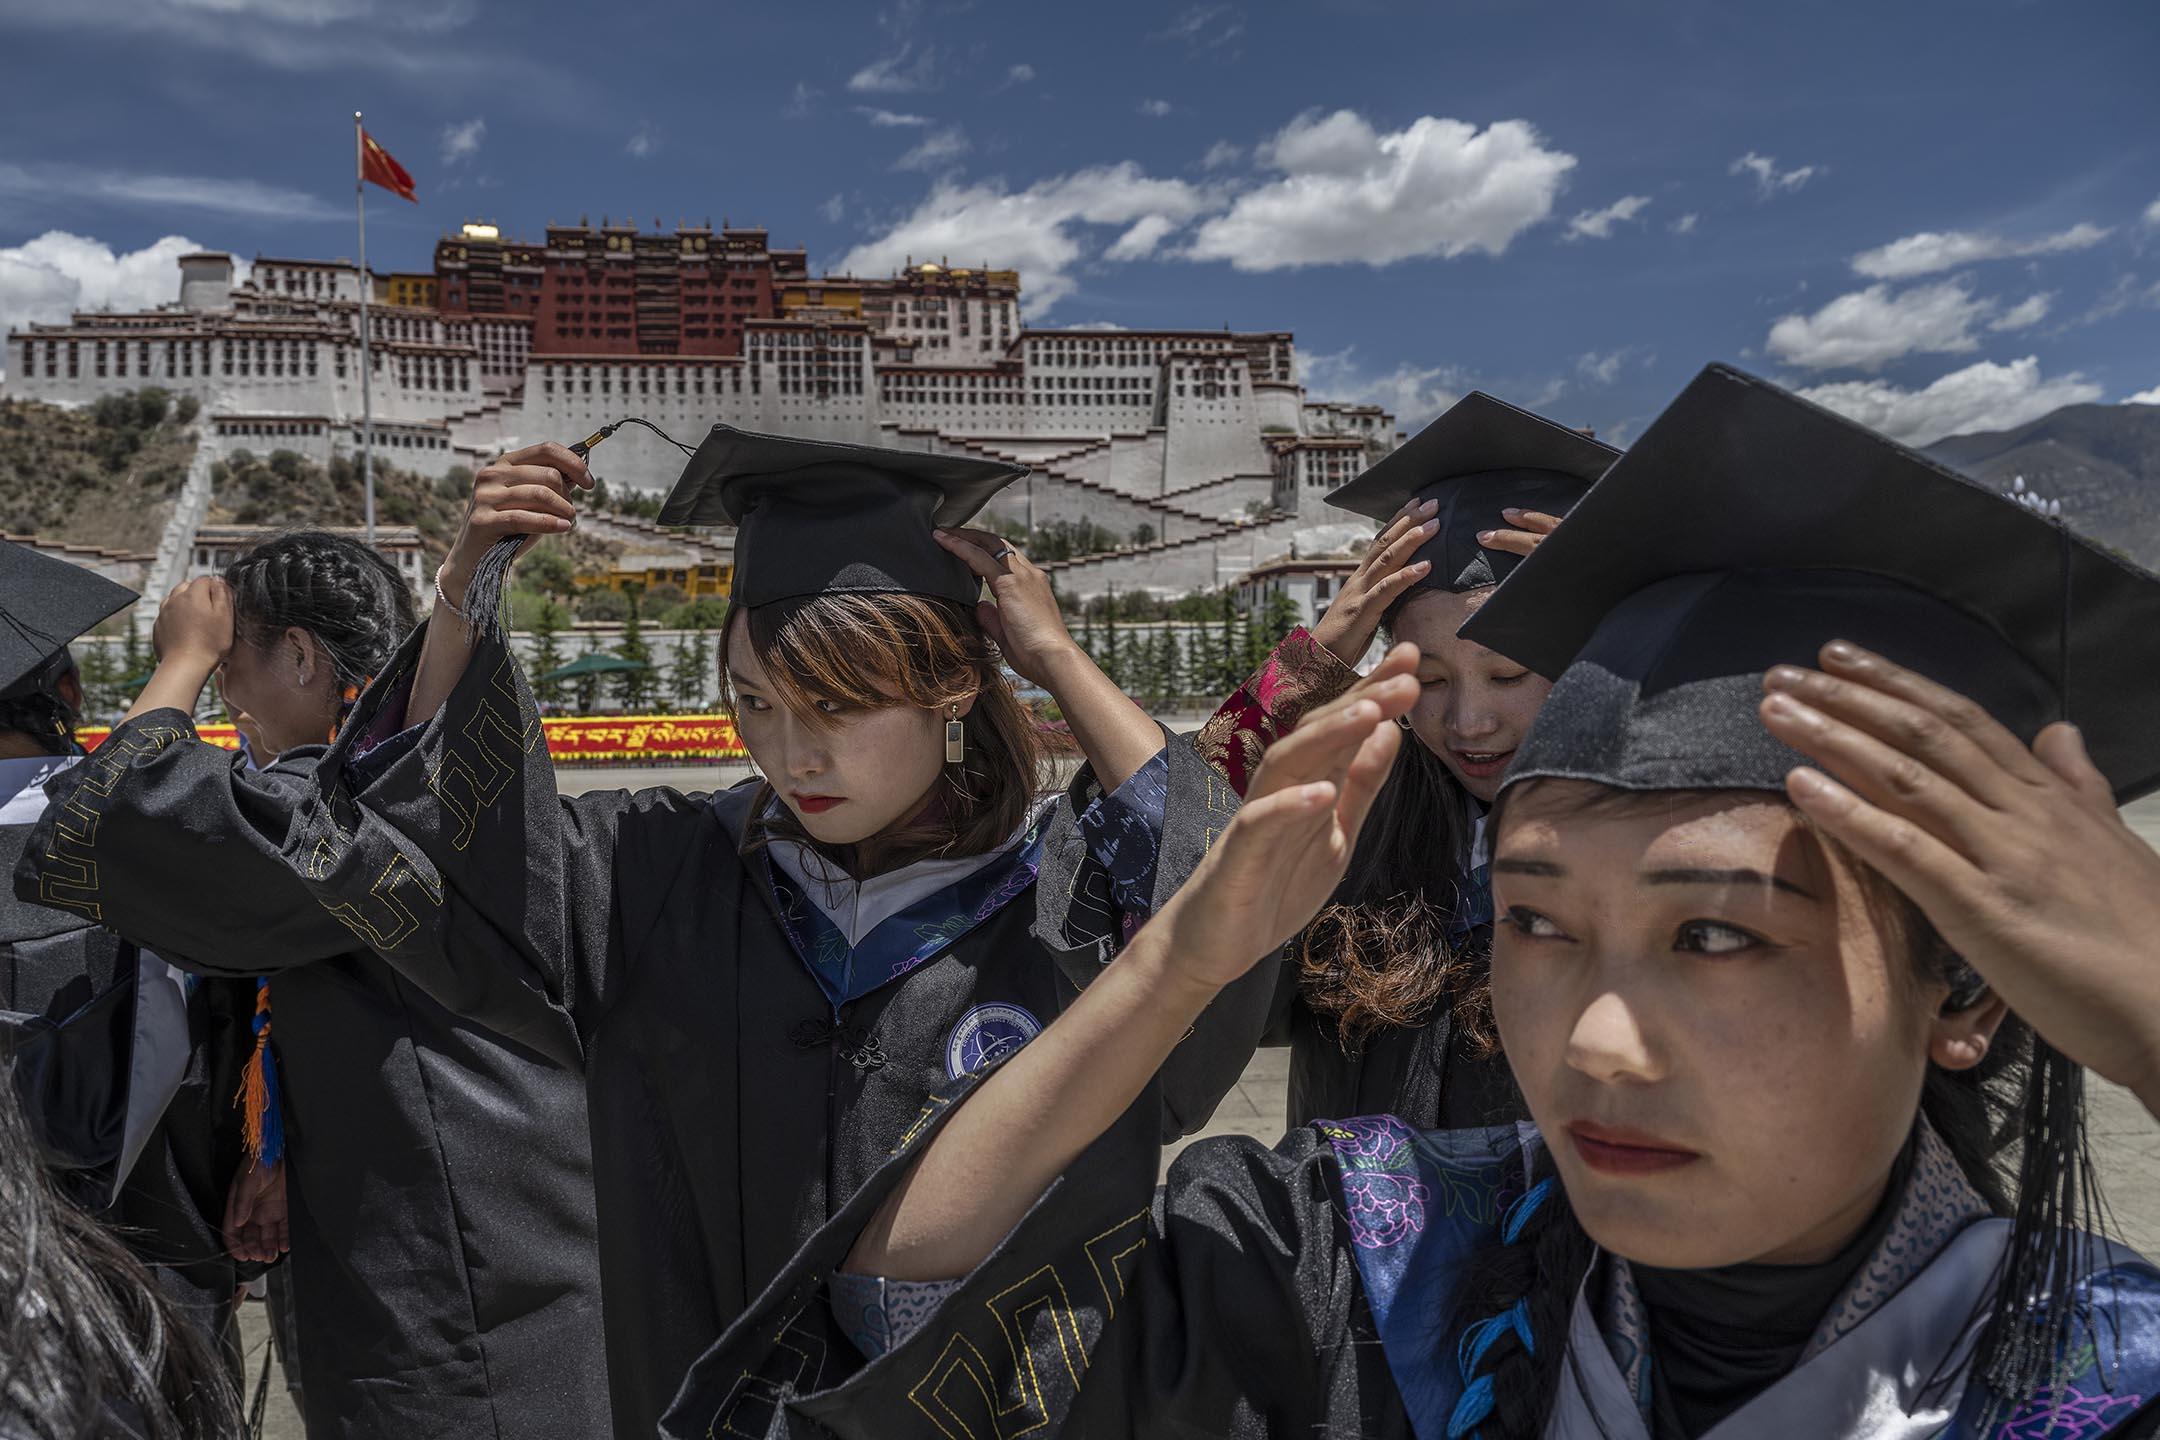 2021年6月1 日中國拉薩,西藏大學畢業生在布達拉宮前拍照。